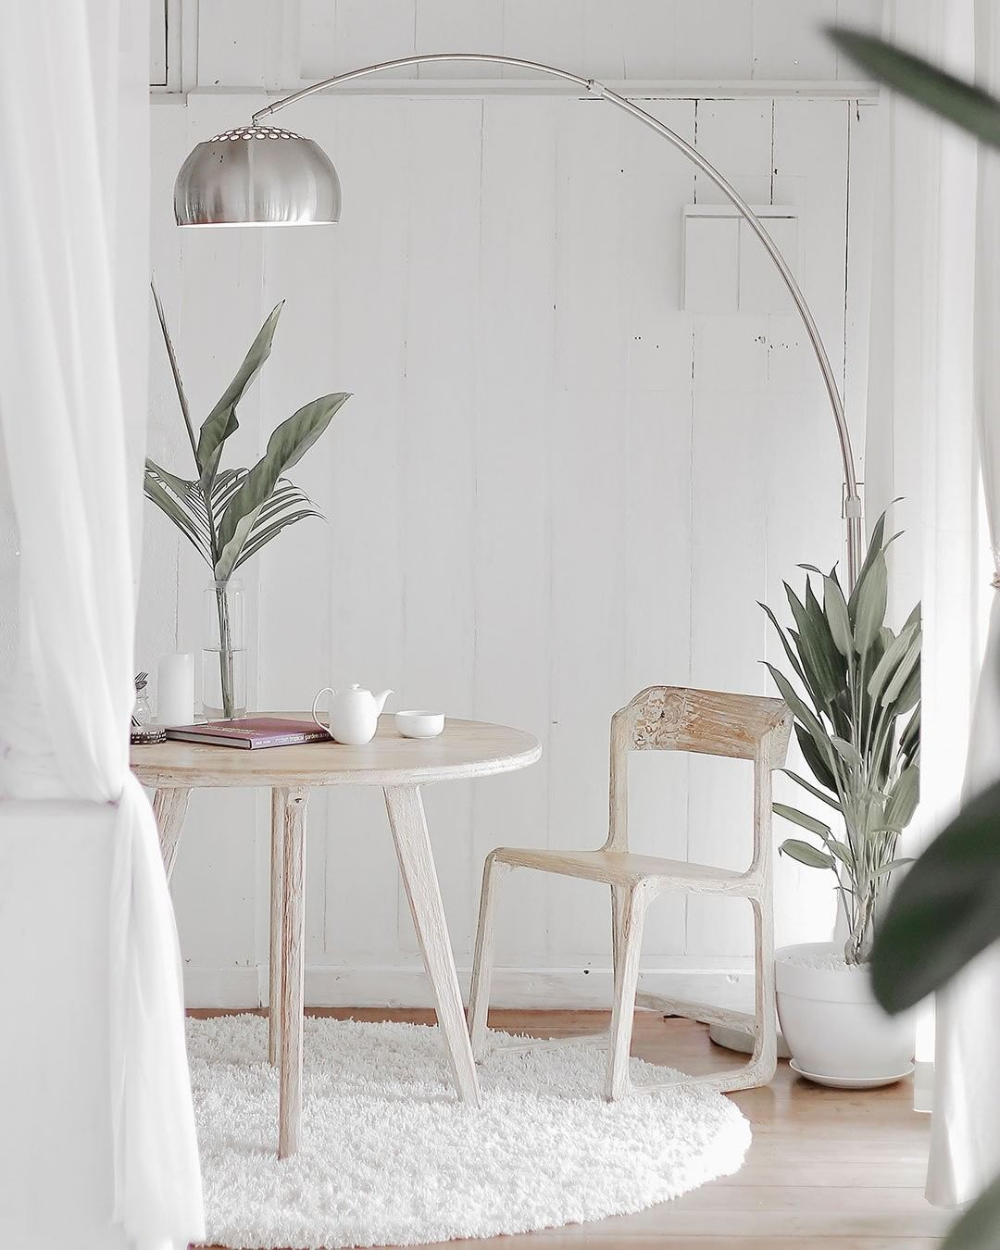 Athos Studio Curated Design Athosstudio Instagram Photos And Videos In 2020 Interior Design Pictures Room Decor Living Room Decor